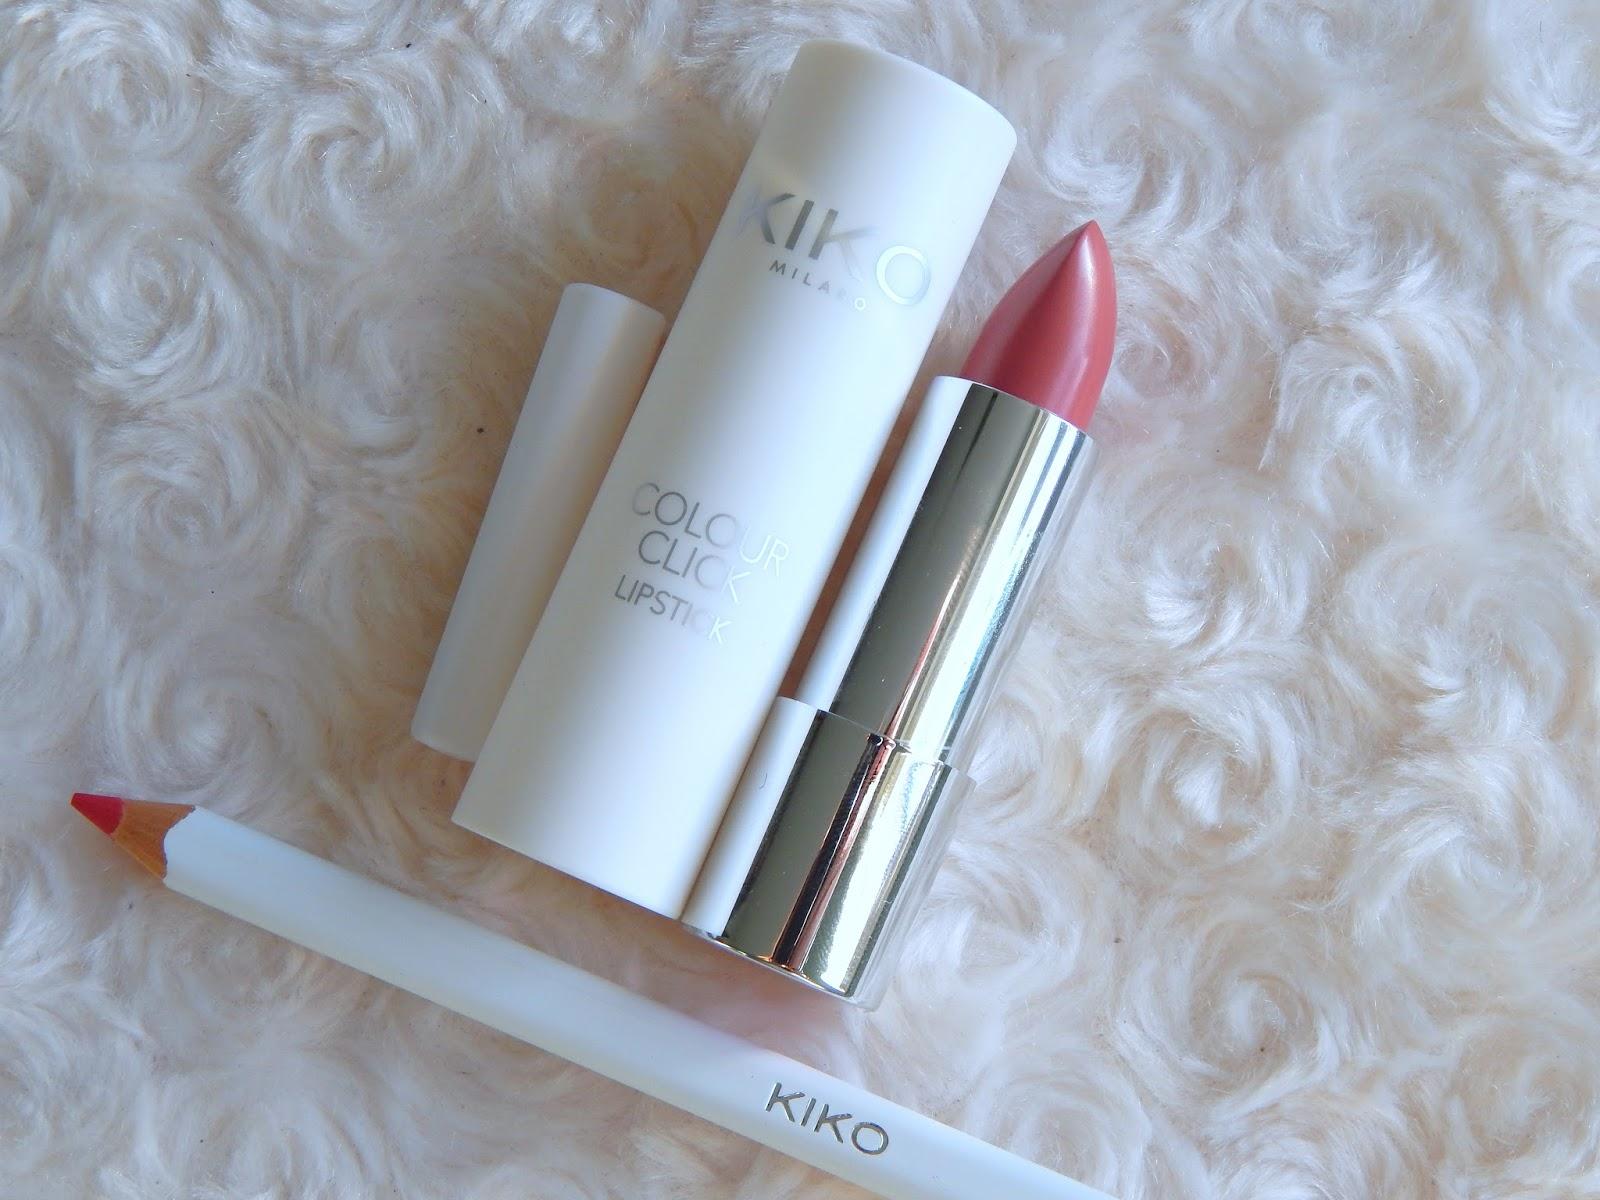 Kiko Colour Click Lipstick and Lipliner in 05